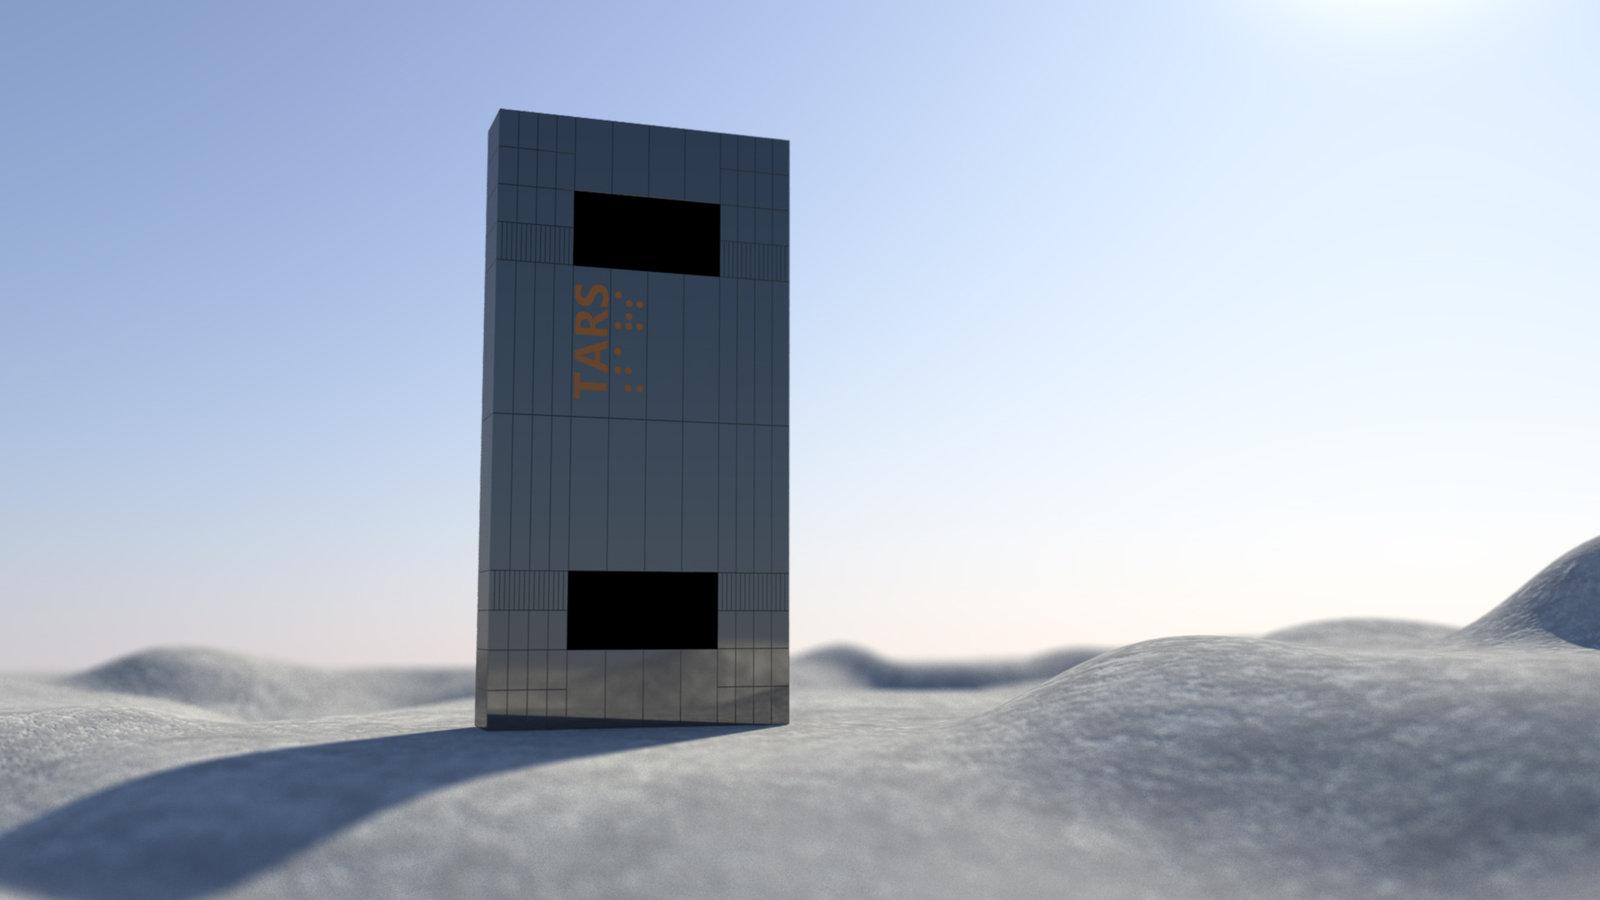 TARS, el robot de <em>Interestellar</em>, haciendo de monolito de <em>2001, una odisea espacial</em>